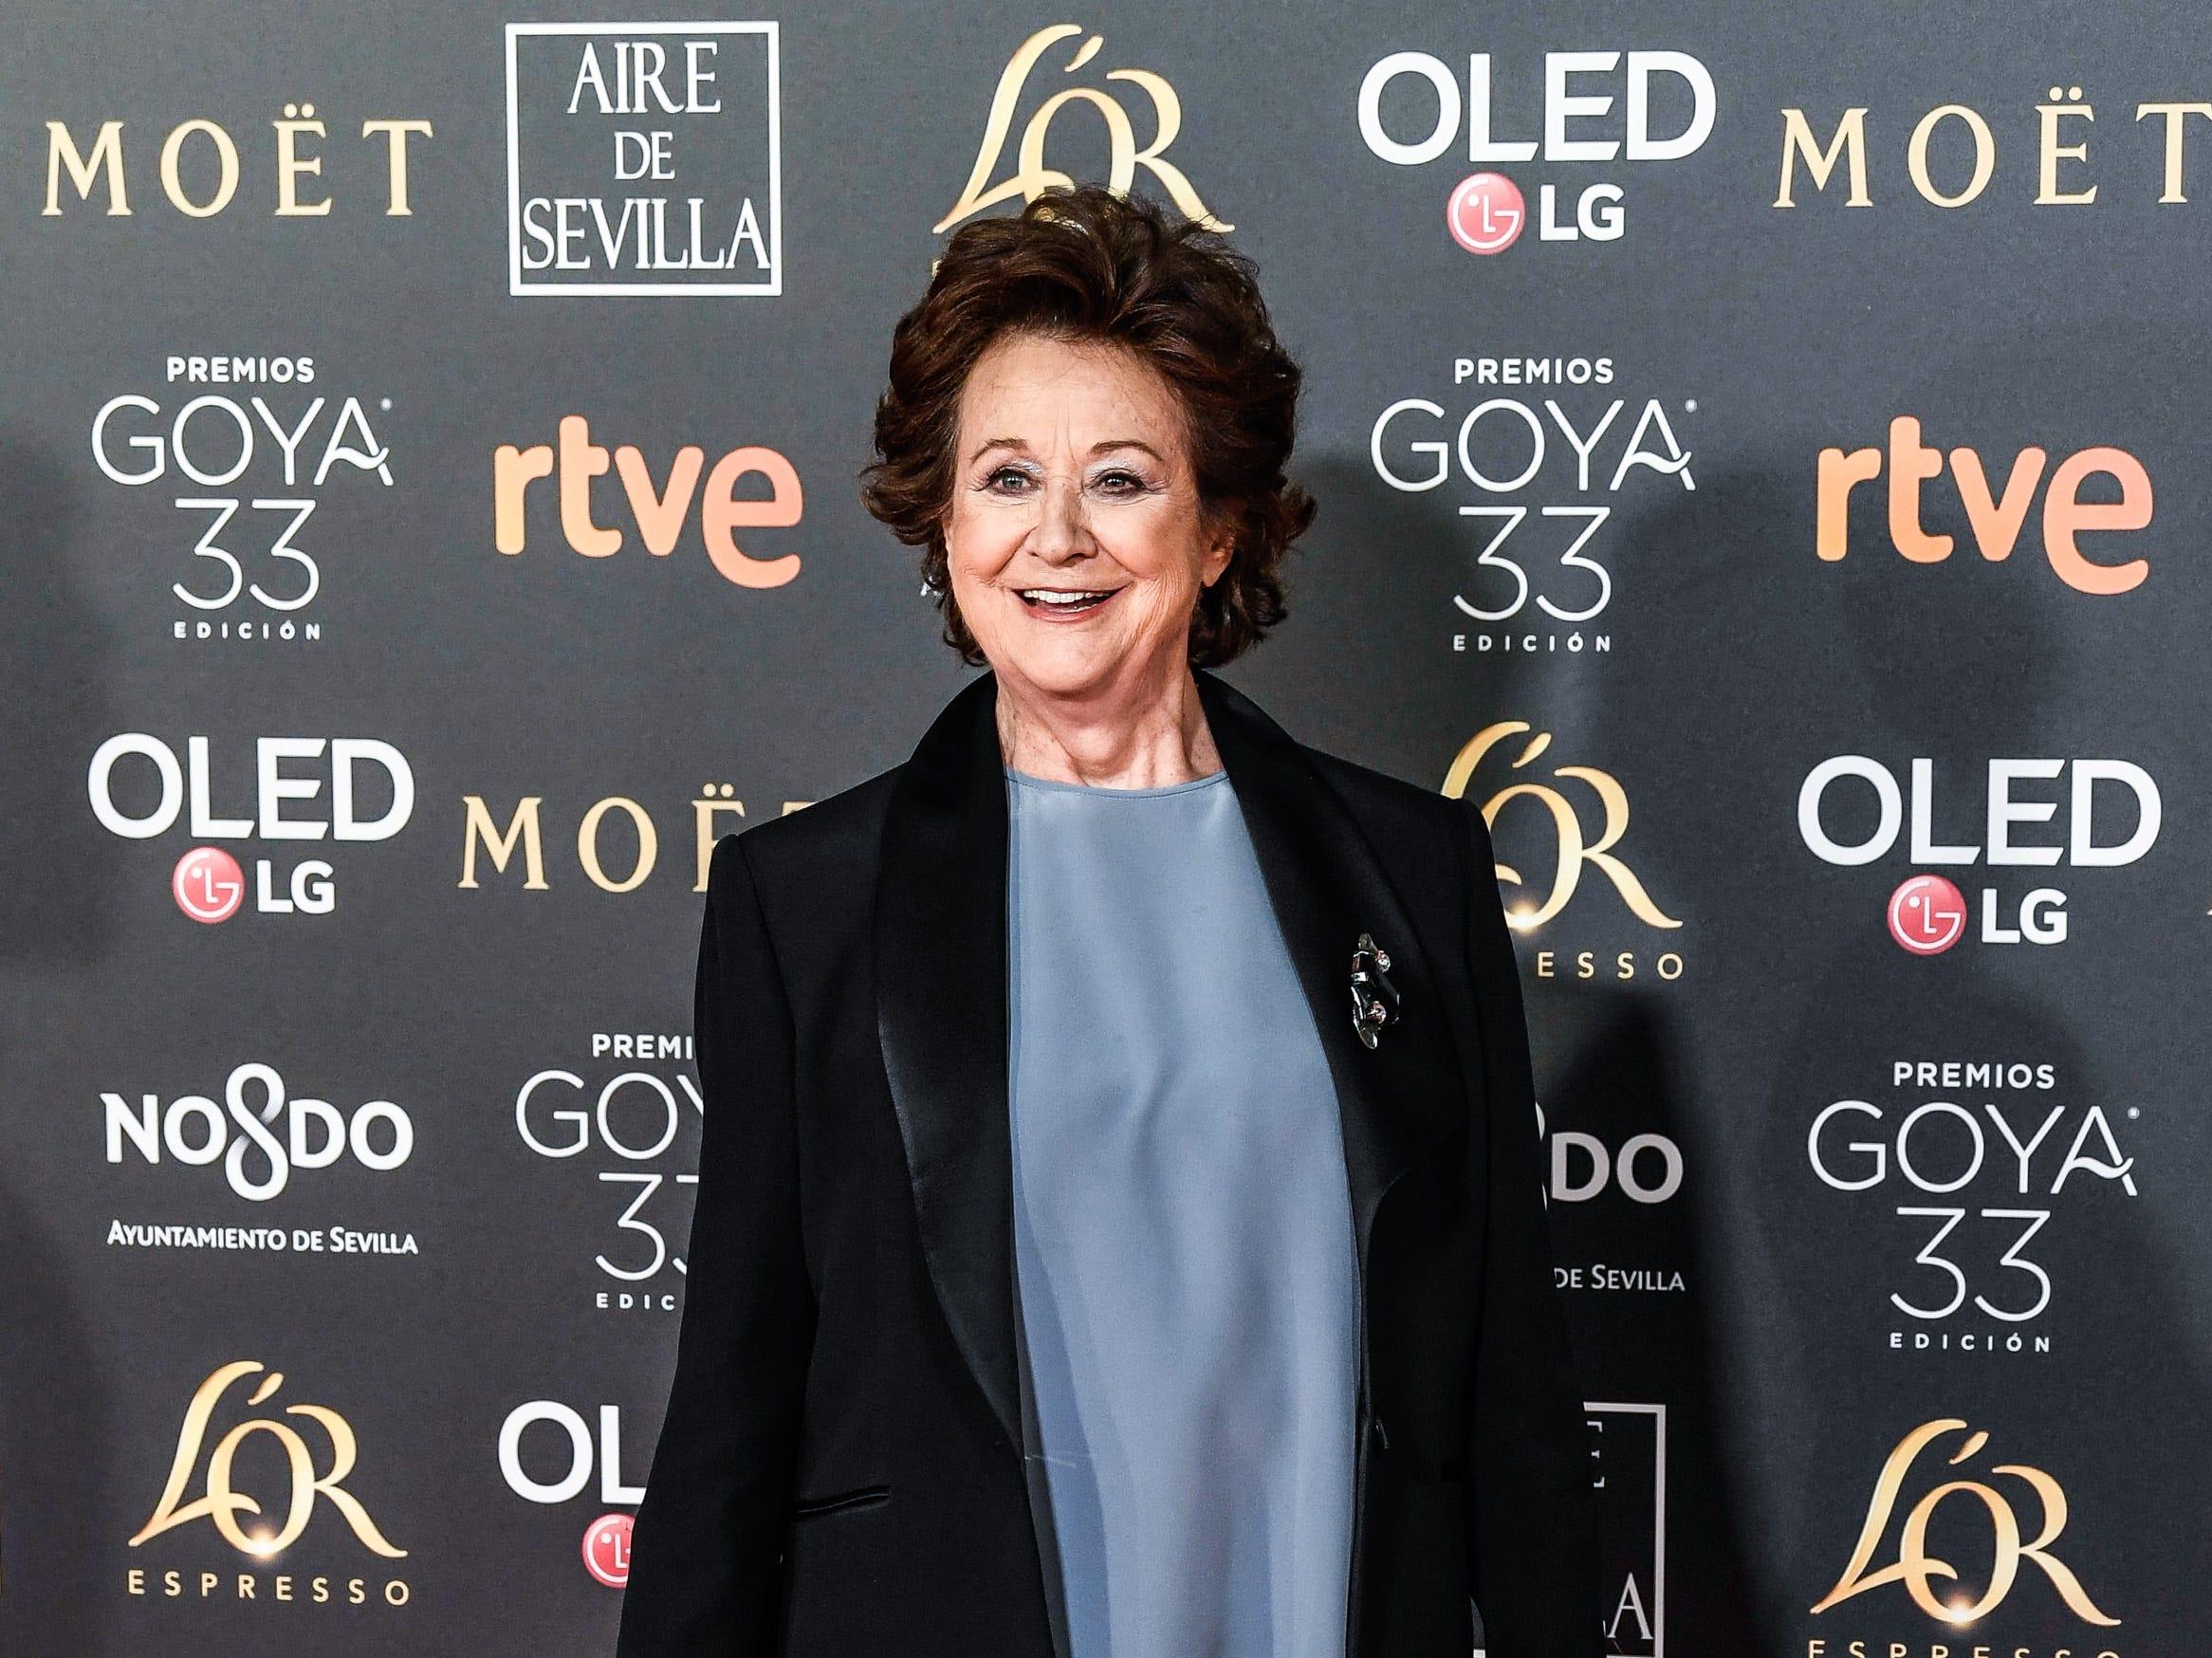 Julieta Serrano asiste a la 33ª edición de los Premios de Cine Goya en el Palacio de Congresos y Exposiciones FIBES el 2 de febrero de 2019 en Sevilla, España.